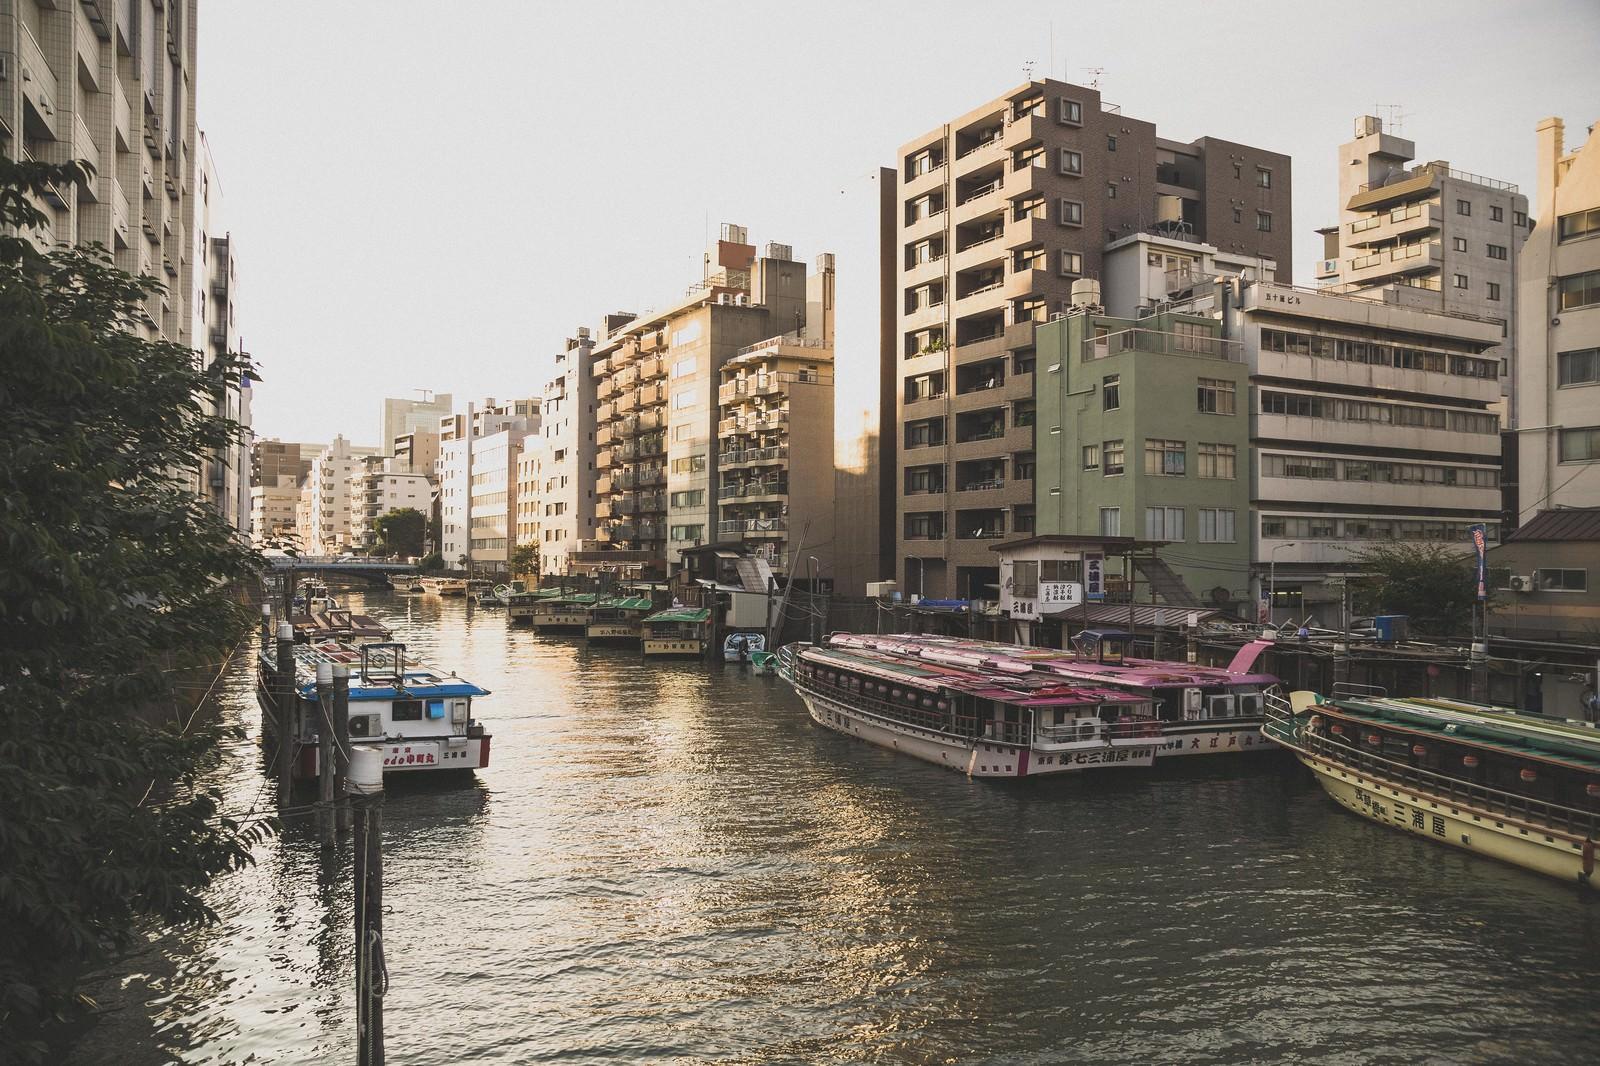 「屋形船が停泊している河川と夕暮れ屋形船が停泊している河川と夕暮れ」のフリー写真素材を拡大